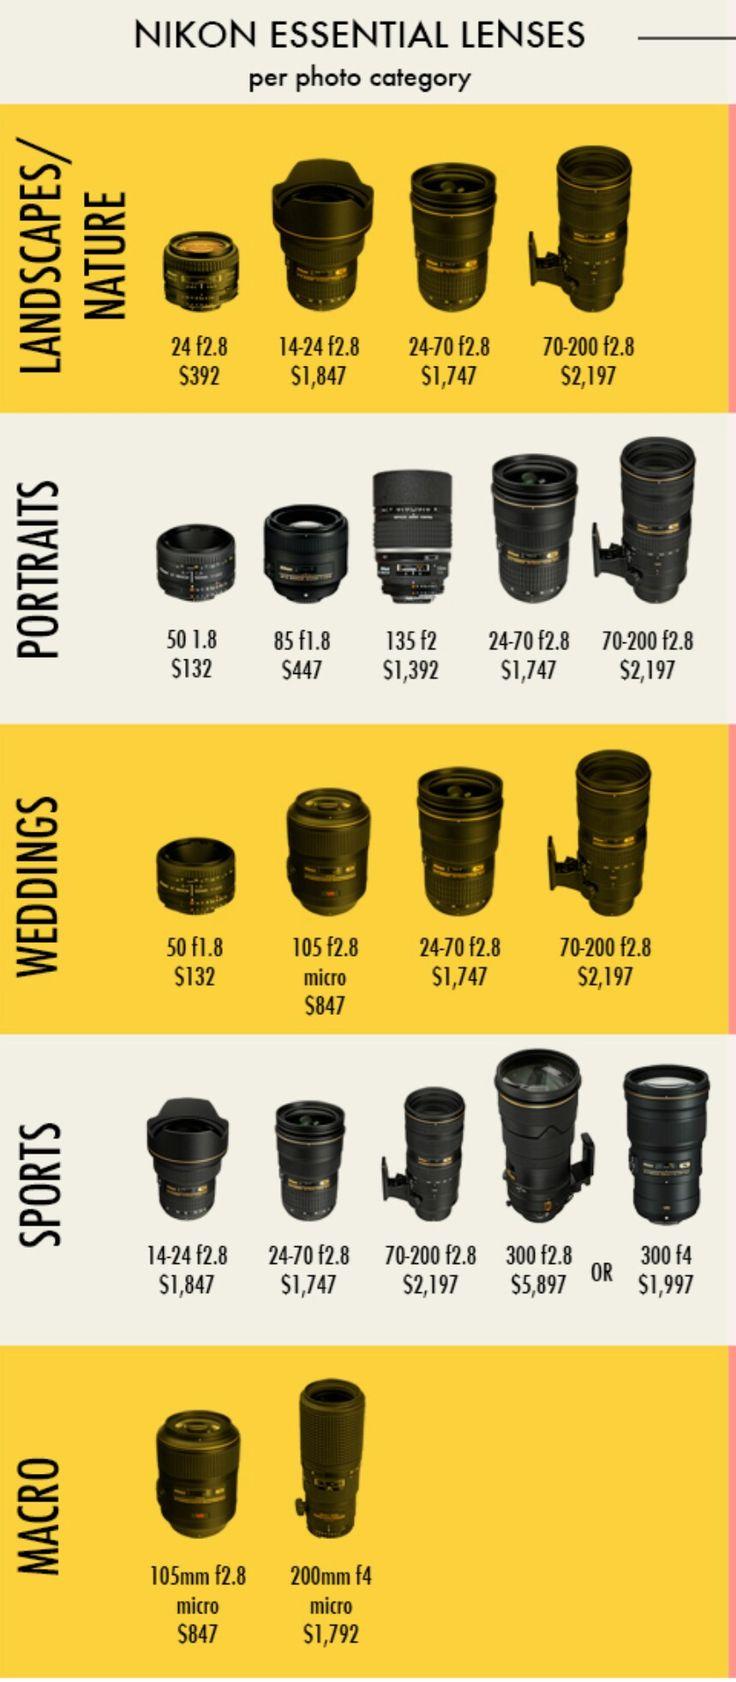 Nikon Essential Lenses